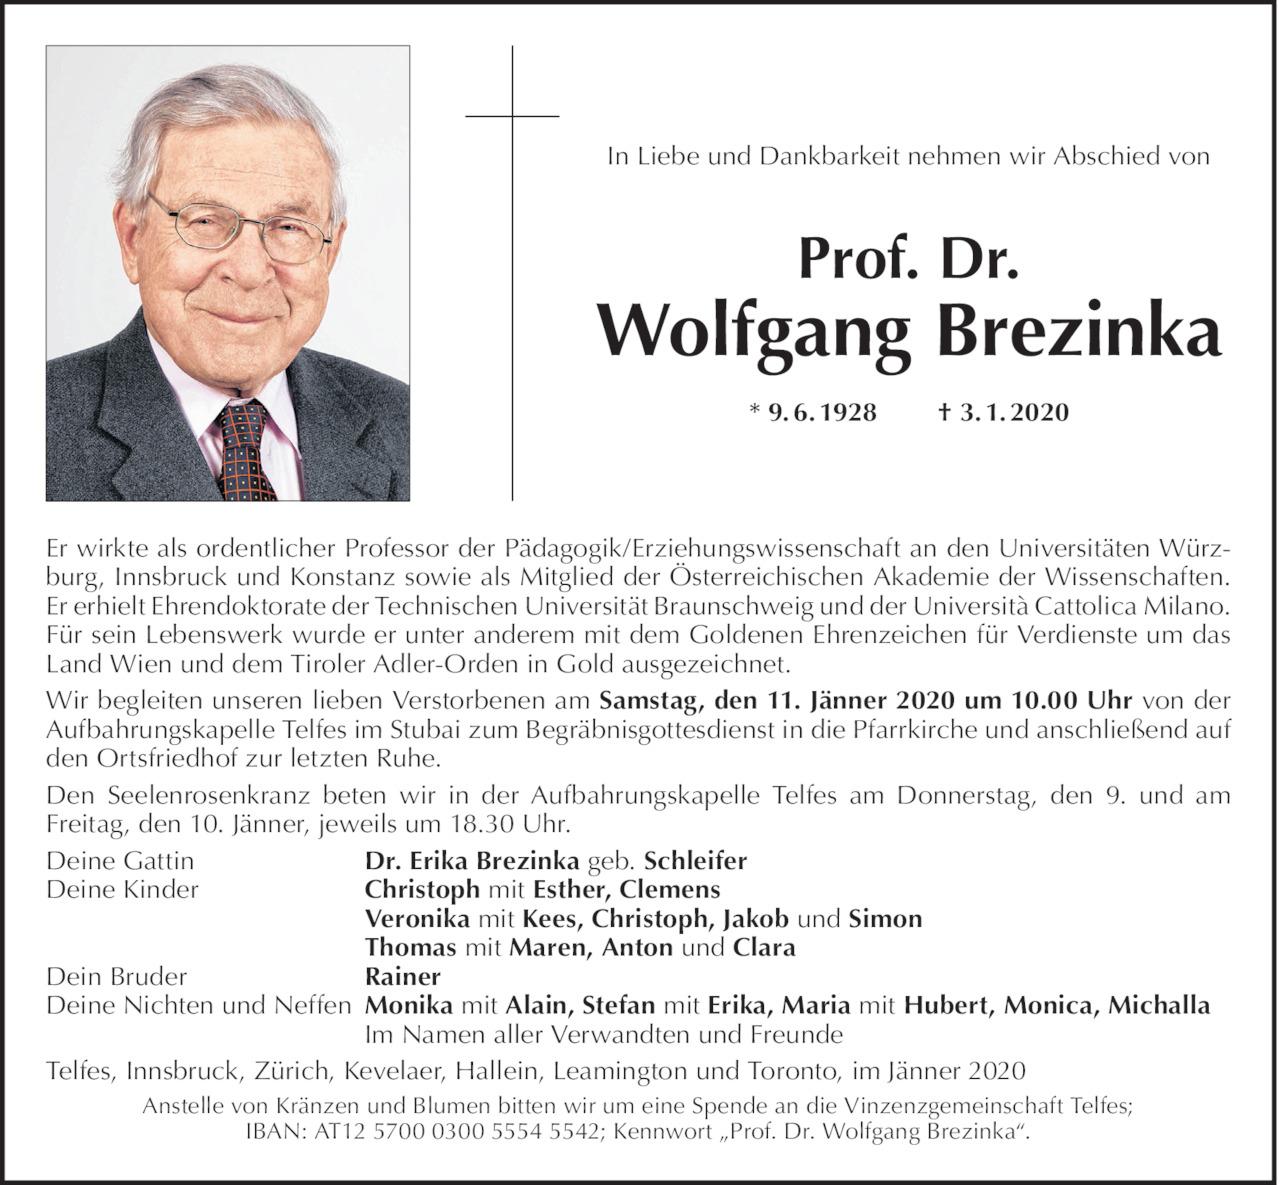 Wolfgang Brezinka Bild